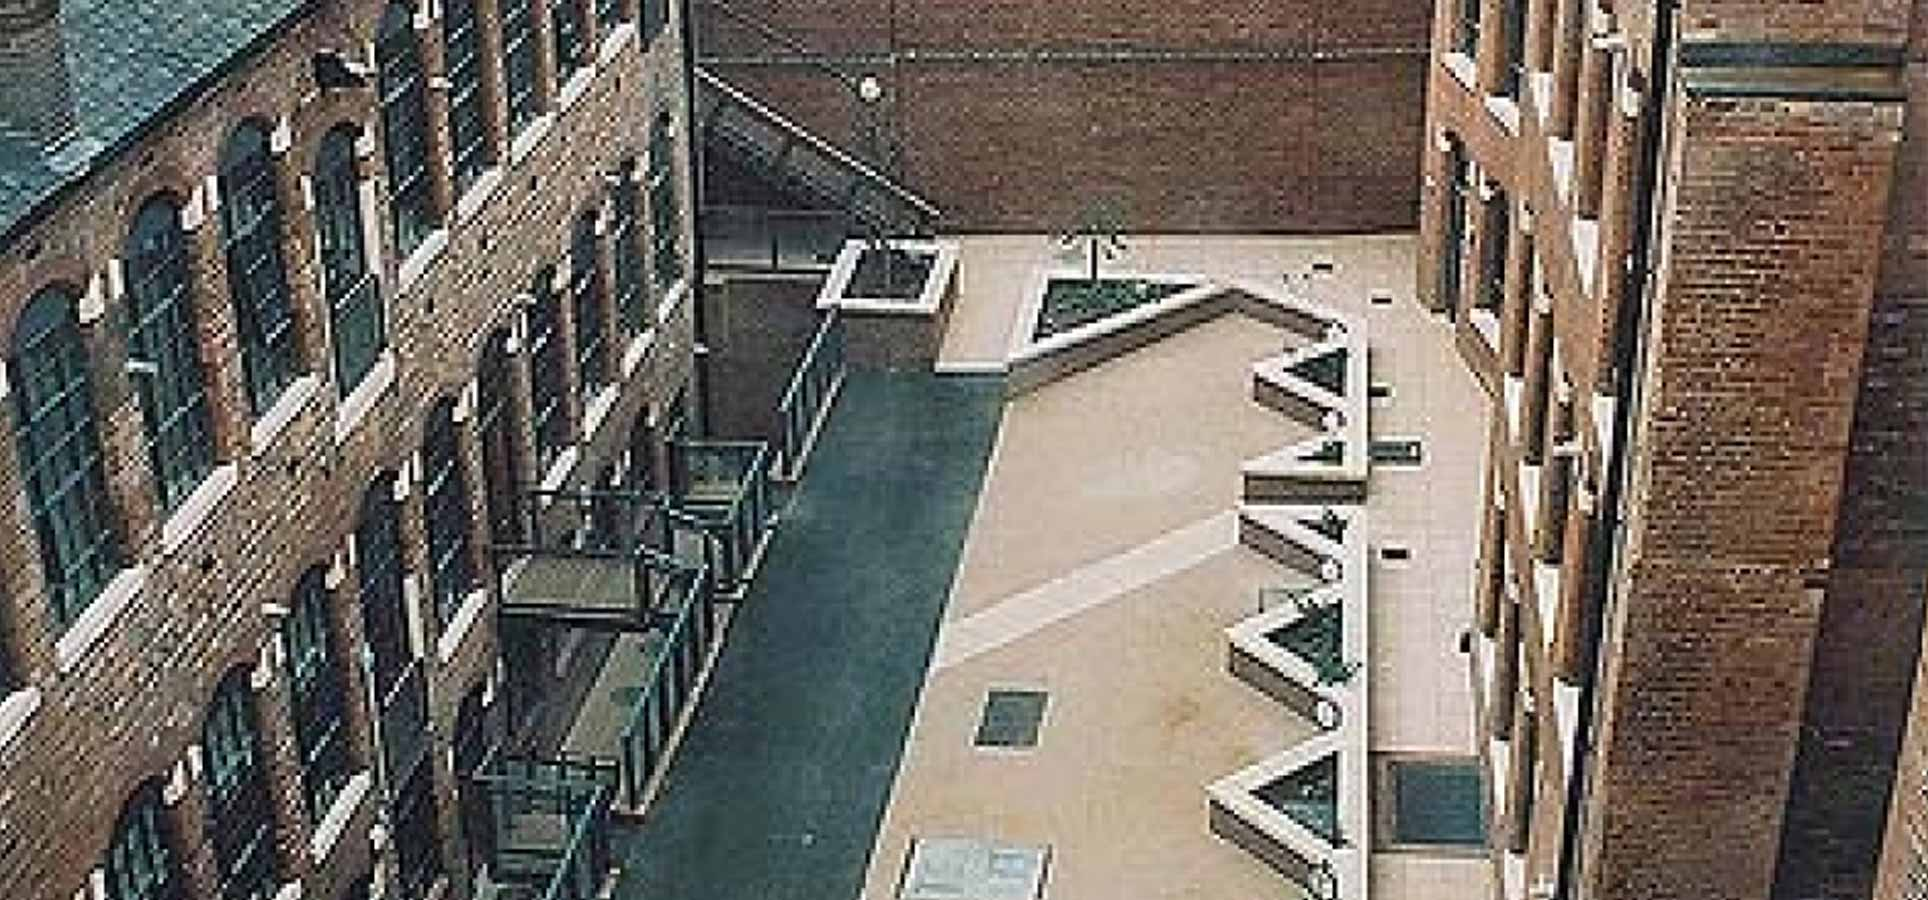 WILLIAM BANCROFT BUILDING, Jessops Construction Ltd